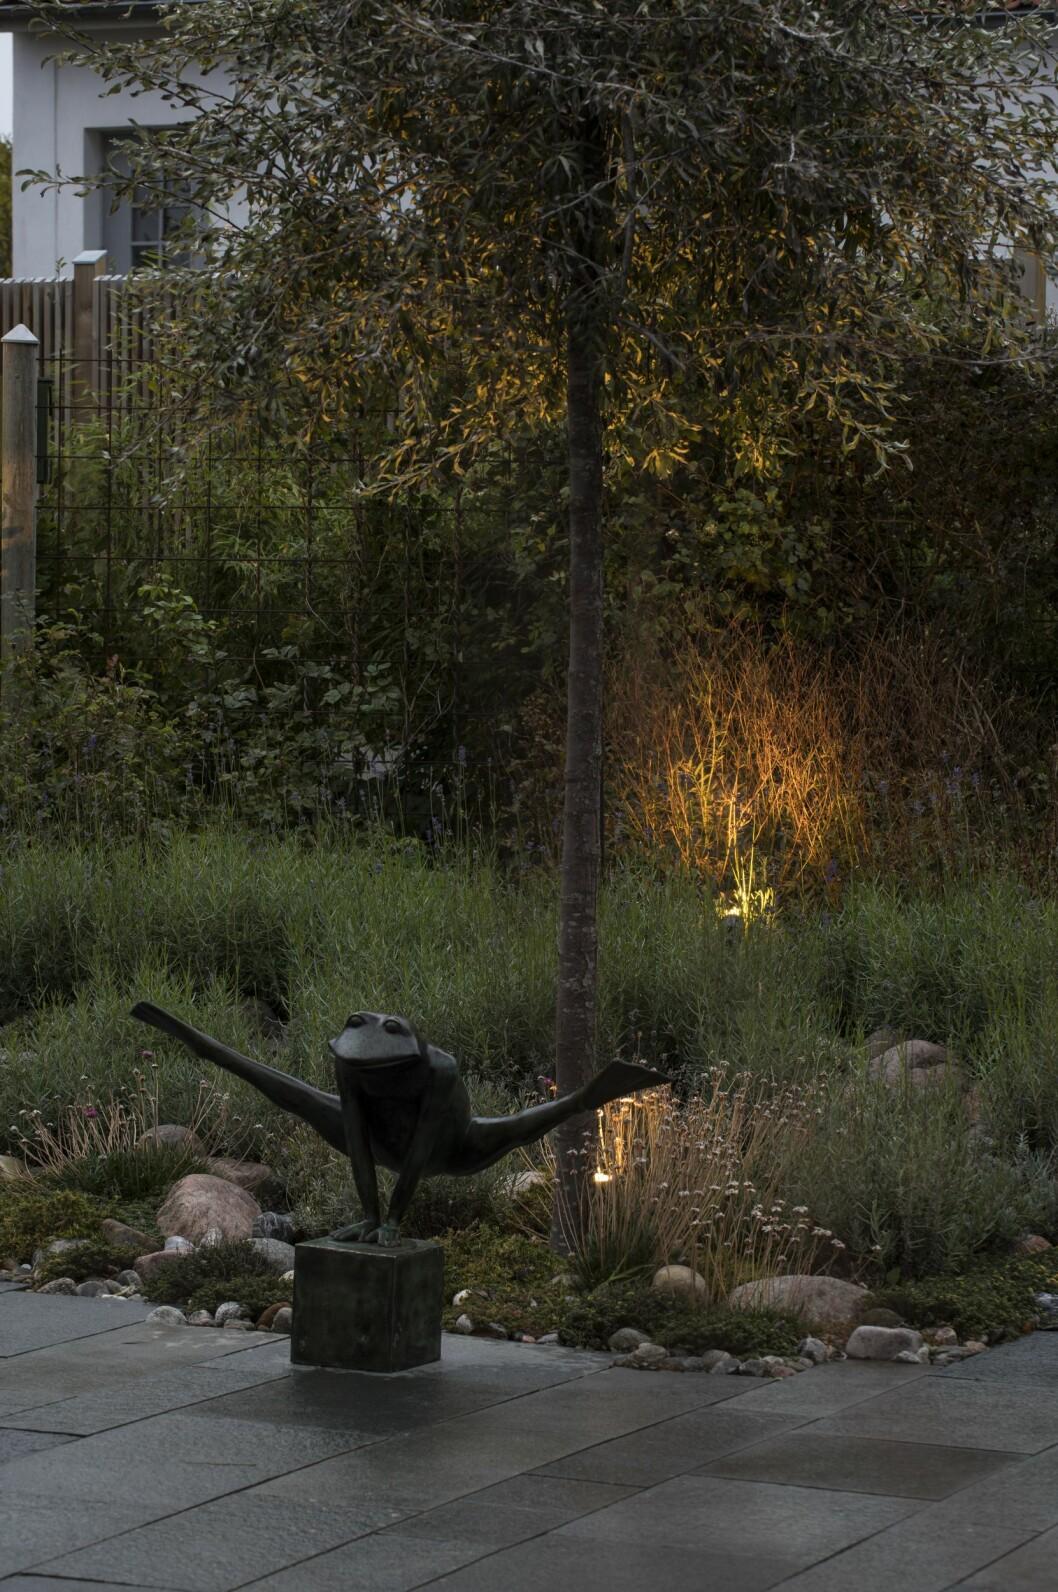 När belysning riktas på en utvald växt får den spela huvudroll på kvällen. Samma sak gäller dekorationer.